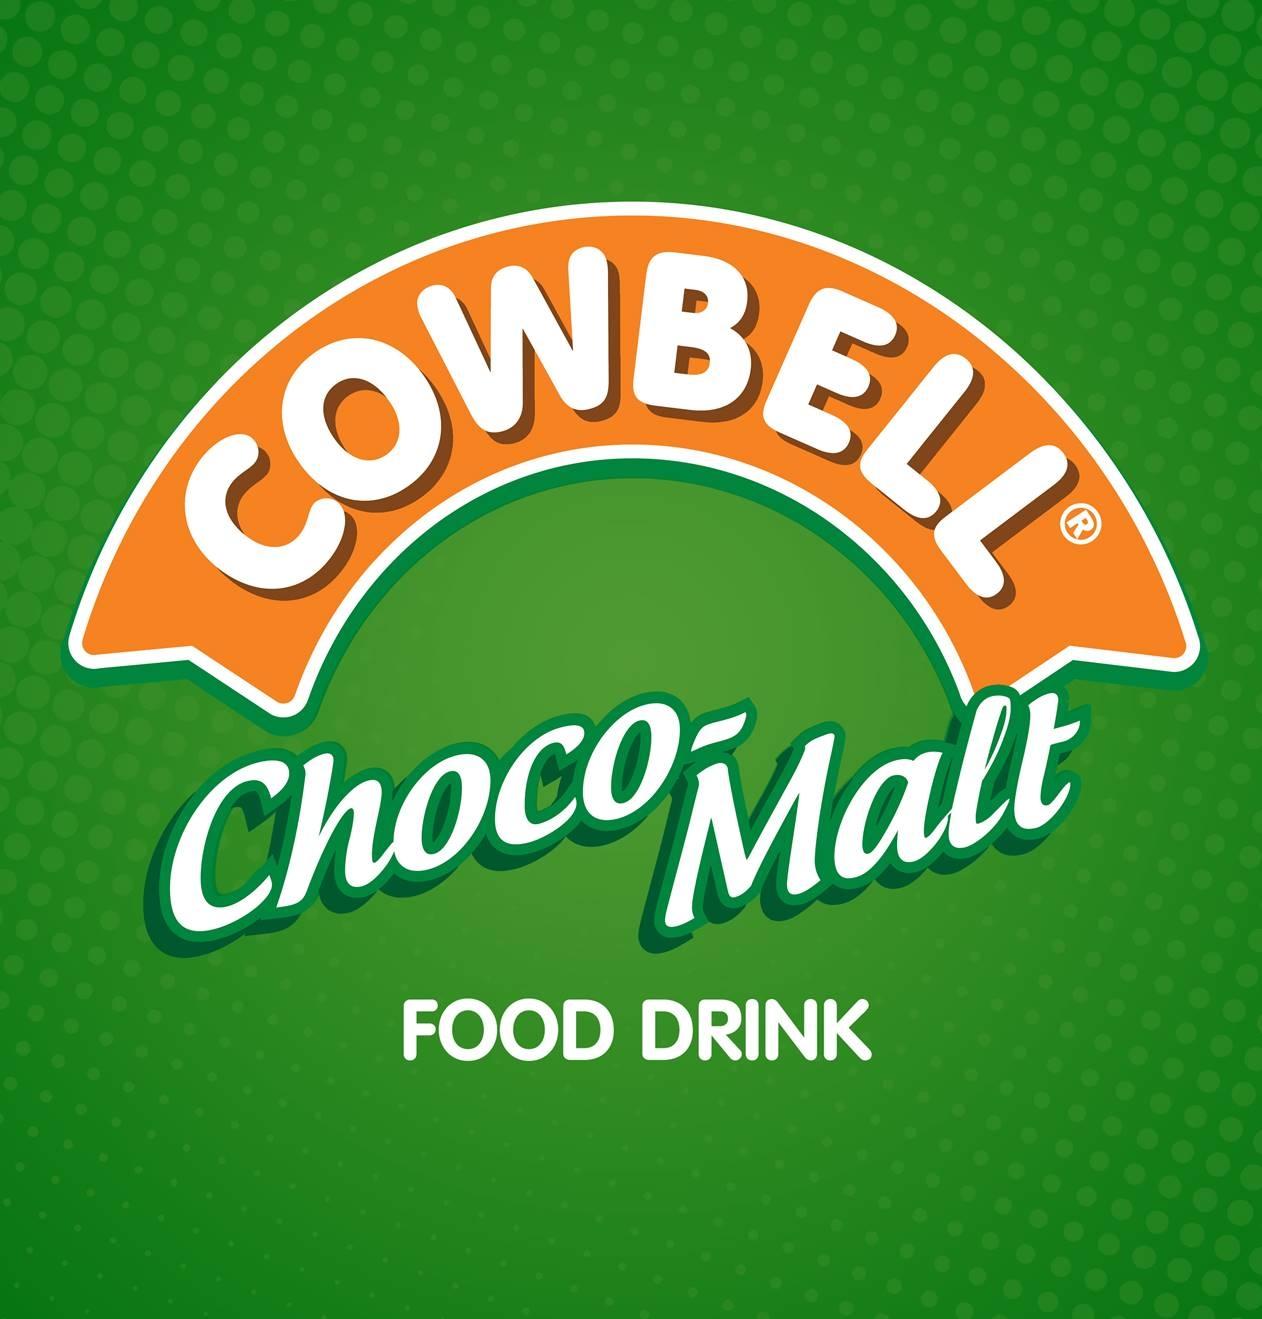 cowbell-choco-malt